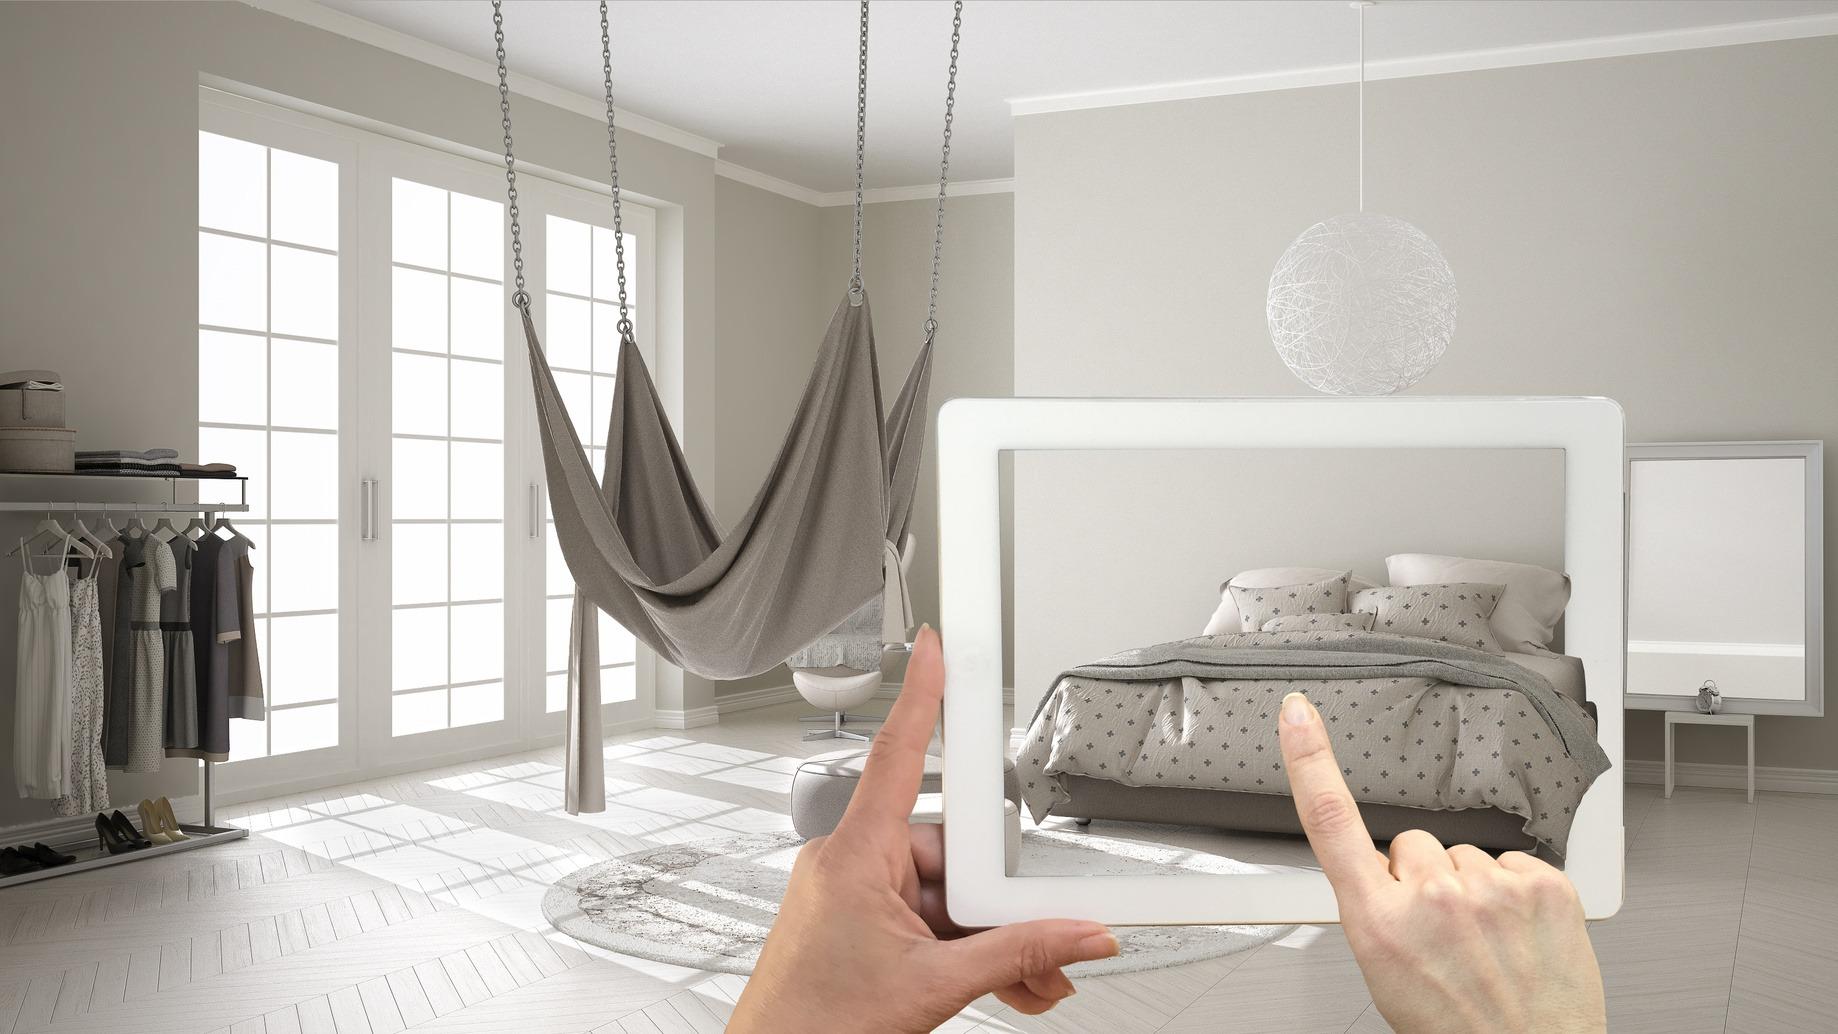 Tablet mit Augmented Reality Anwendung mit der ein Bett im realen Zuhasue simuliert wird.